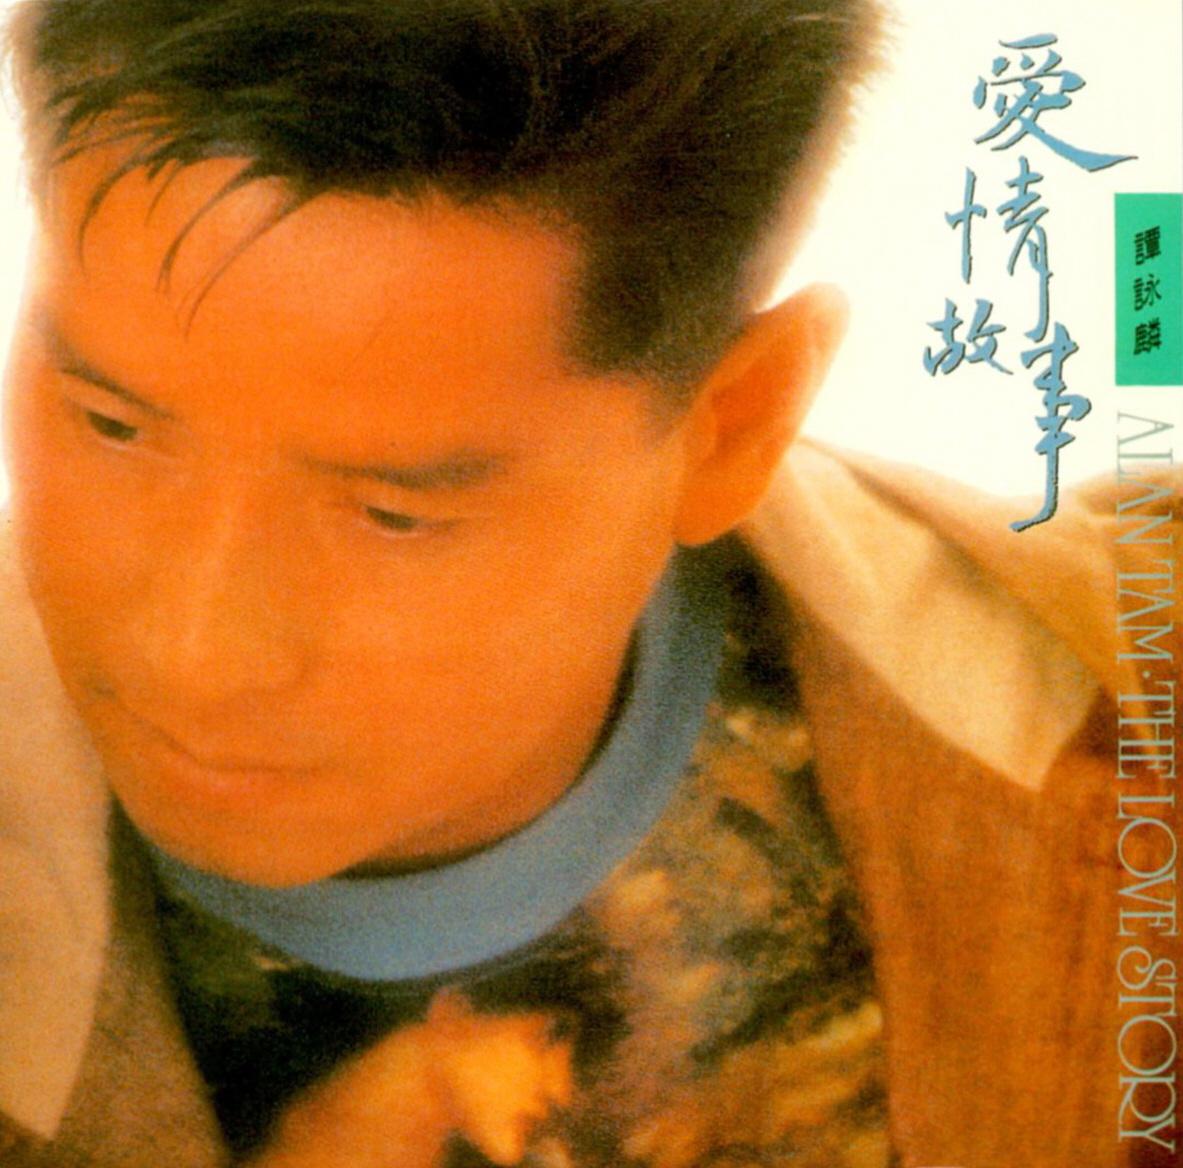 [1992-08-26] 谭咏麟 爱情故事